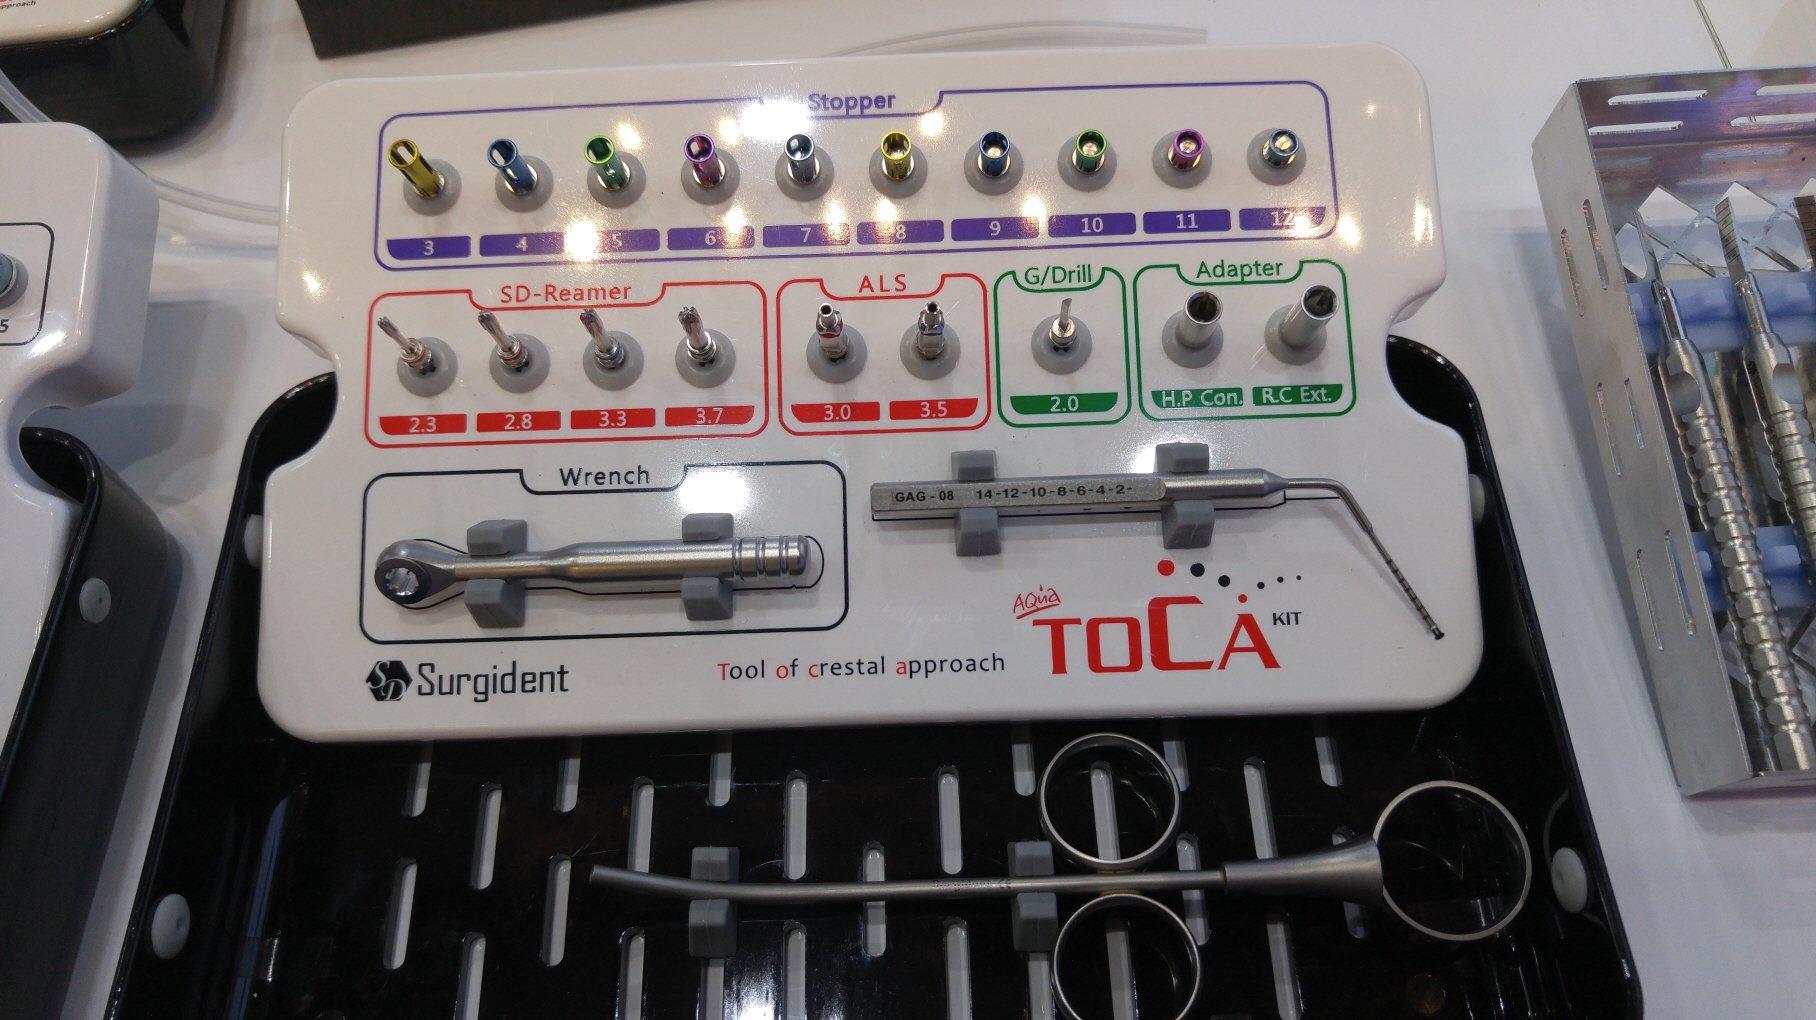 AQUA TOCA-KIT(AQUA Tool of crestal approach)